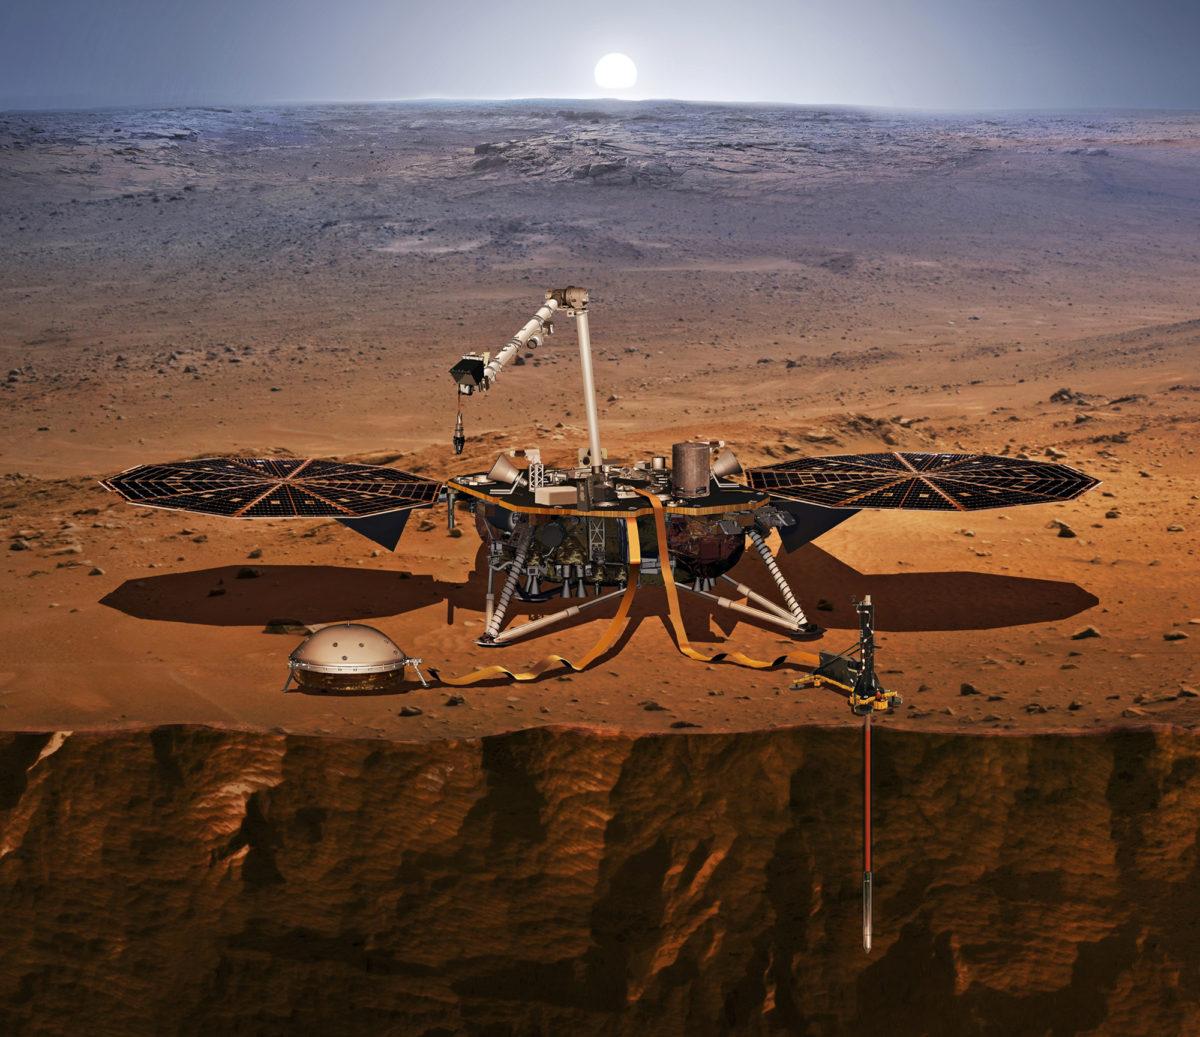 InSight laskeutuu Marsiin marraskuun 26. päivänä, minkä jälkeen se aloittaa toimintansa rauhallisesti. Vasta helmikuussa 2019 se on piirroksen näyttämässä kunnossa sondaamassa punaisen planeetan sisustaa.